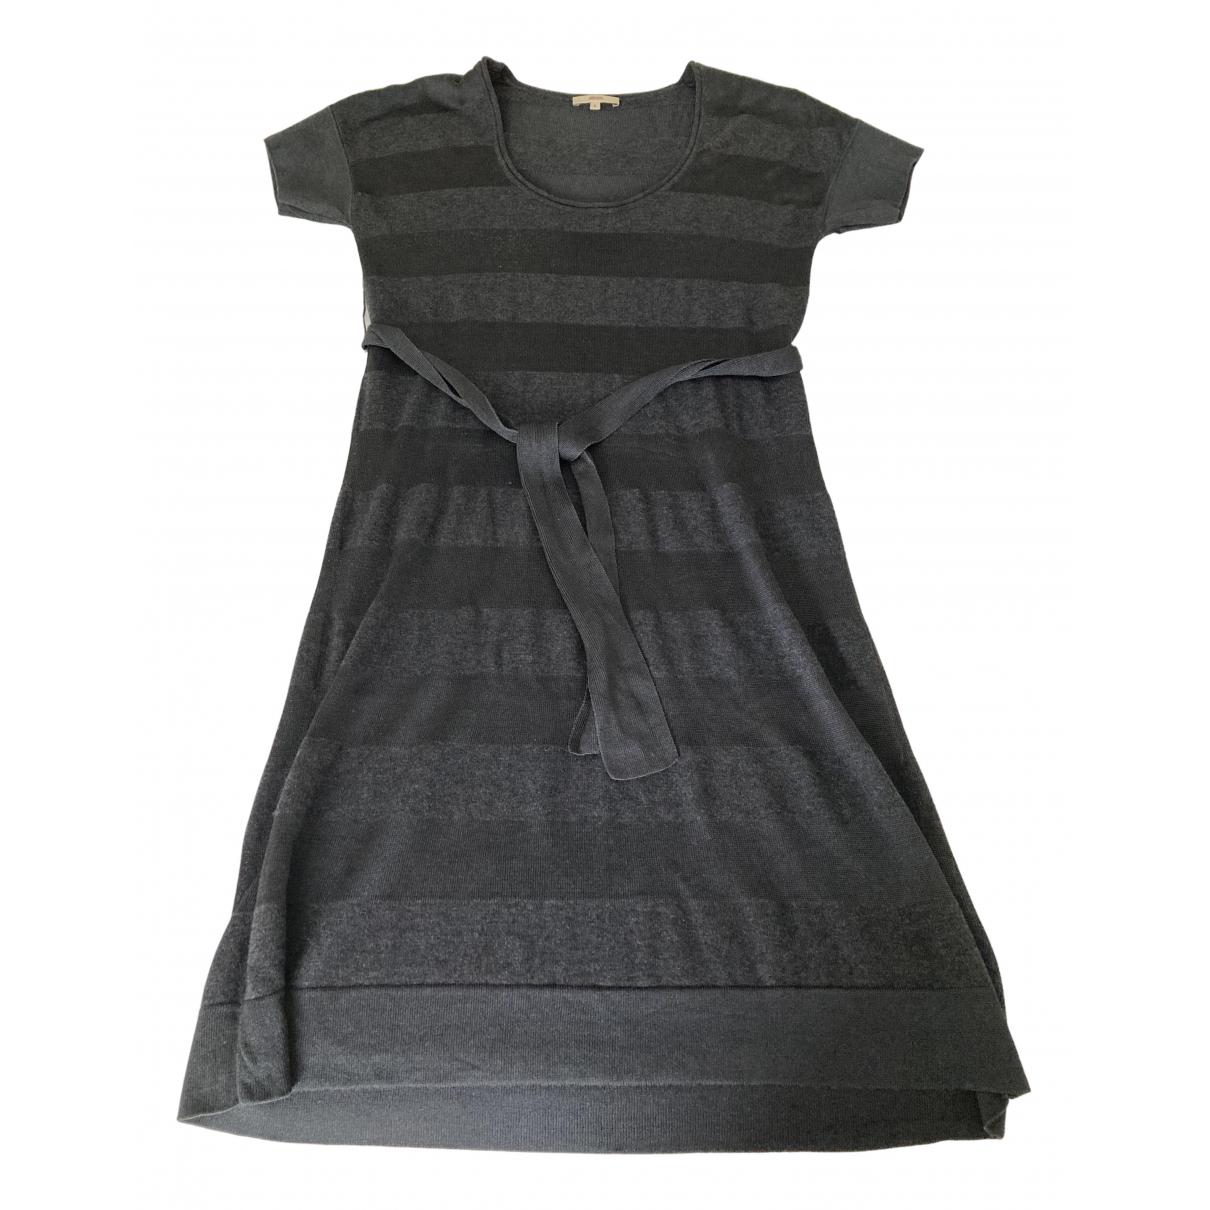 Kenzo \N Kleid in  Grau Wolle